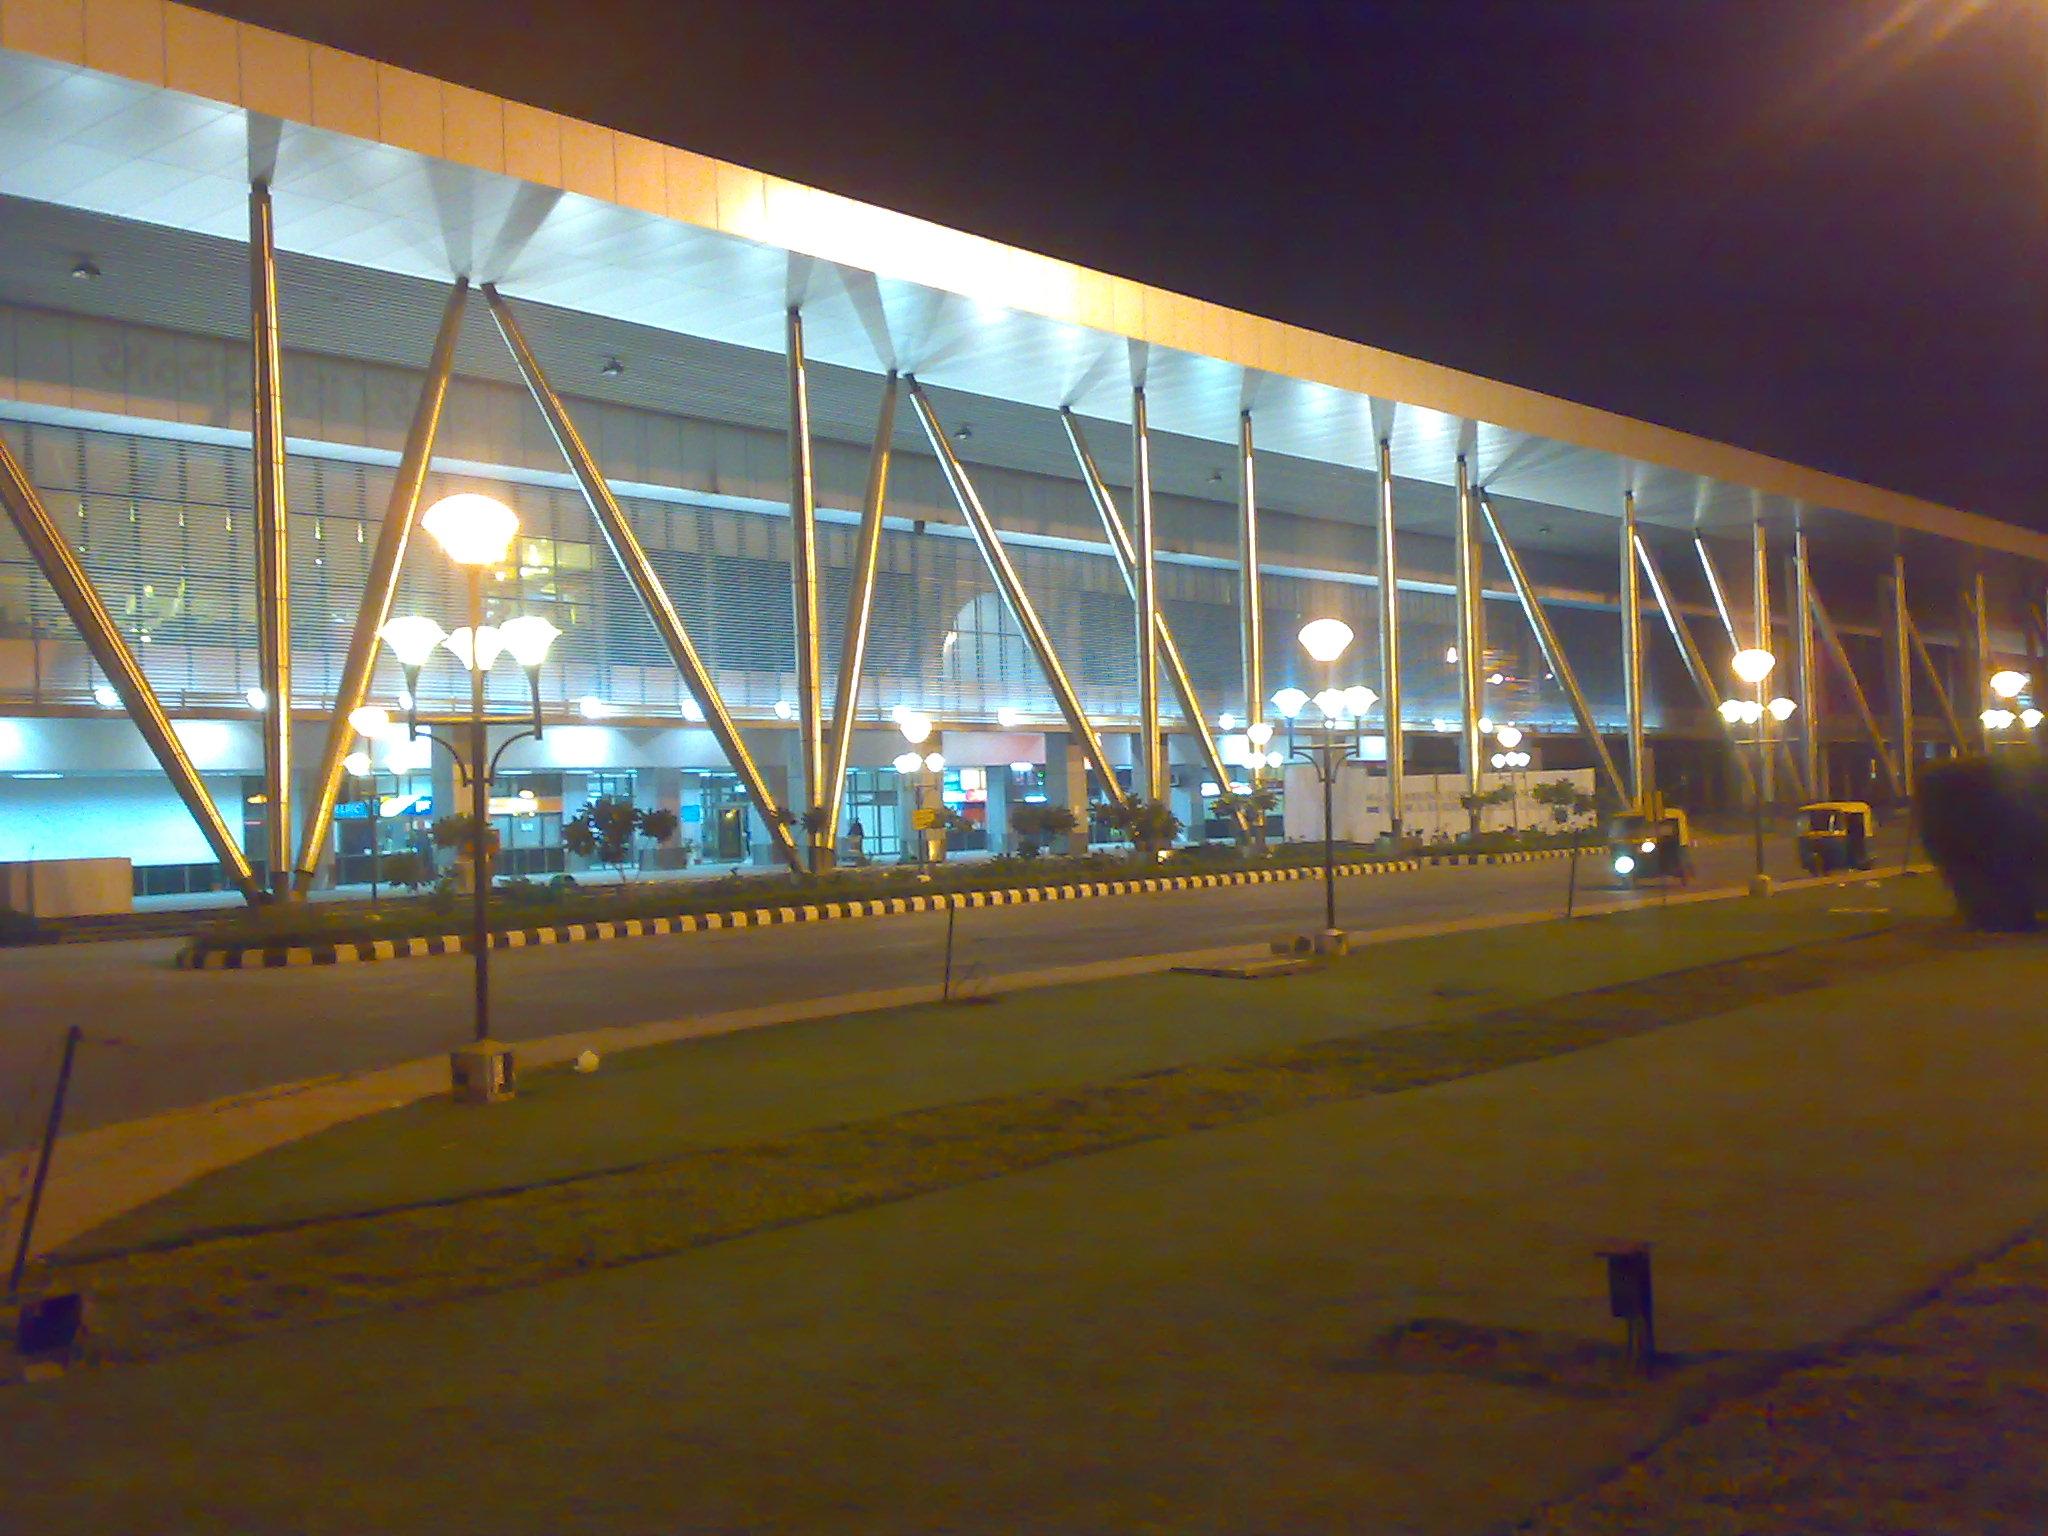 सरदार वल्लभभाई पटेल अंतर्राष्ट्रीय विमानक्षेत्र